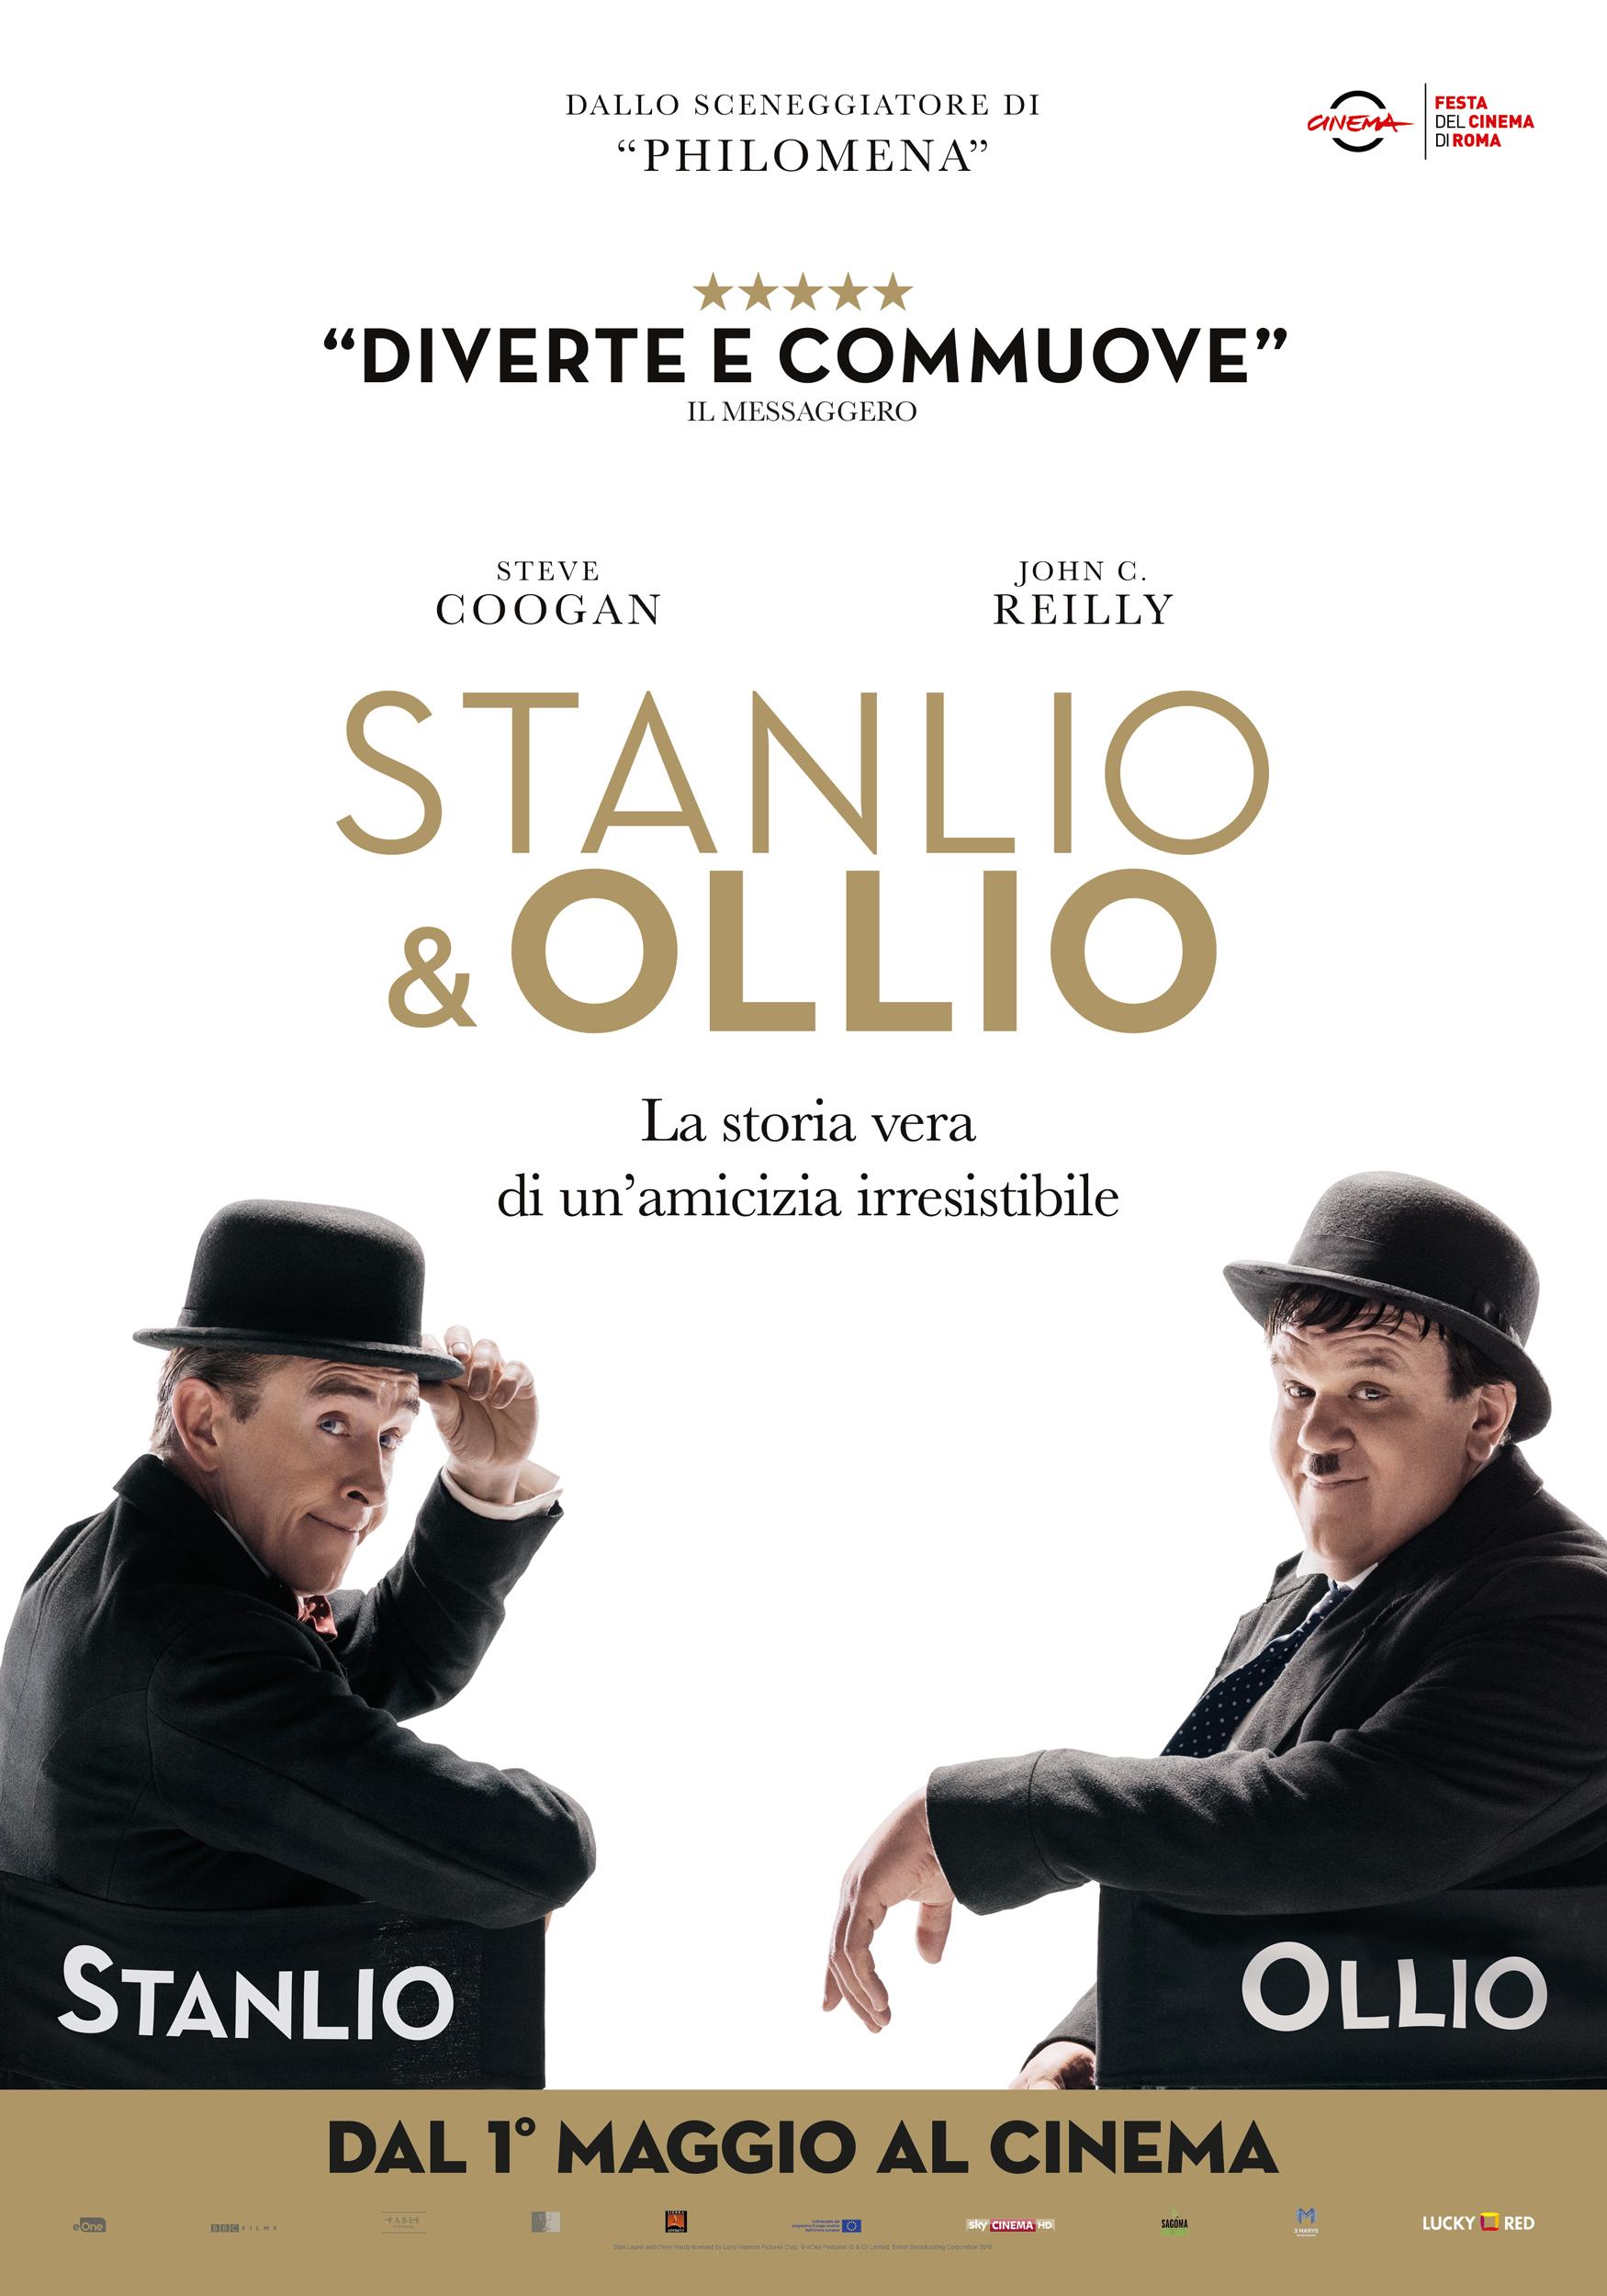 Stanlio & Ollio